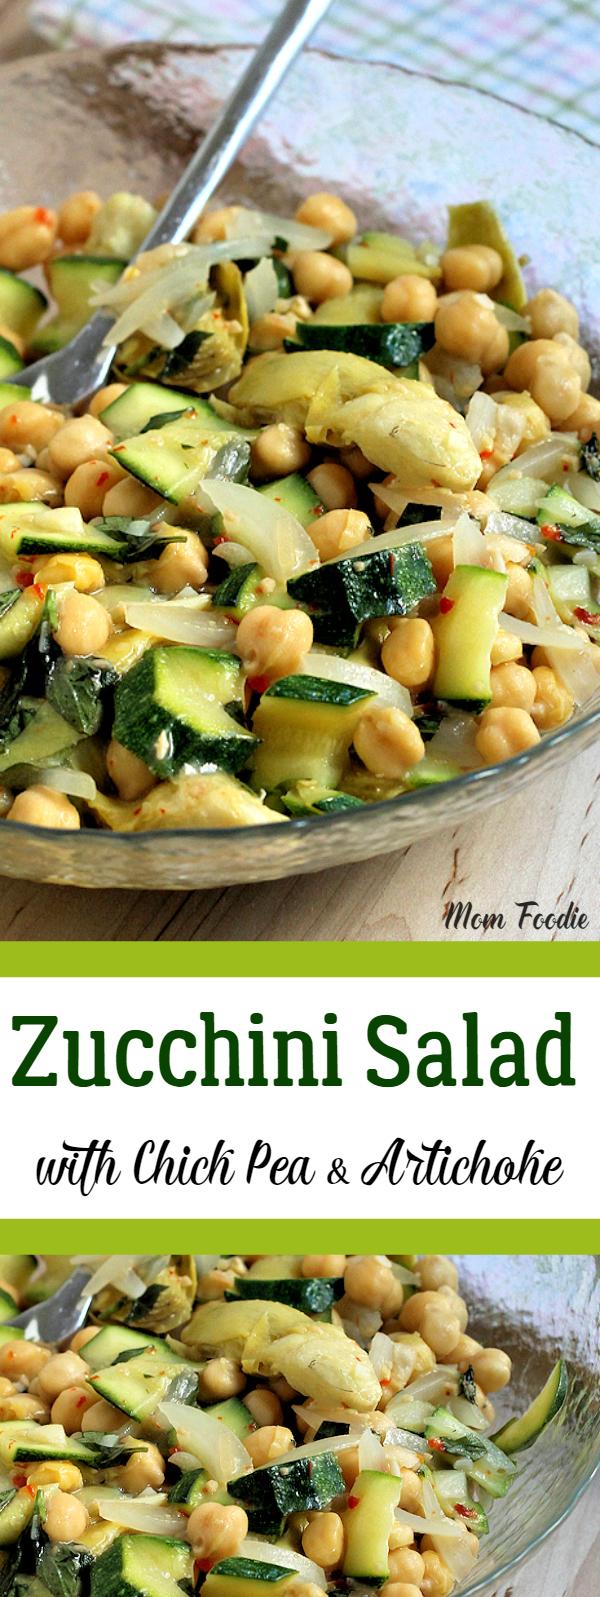 Zucchini Salad with Chick Pea & Artichoke